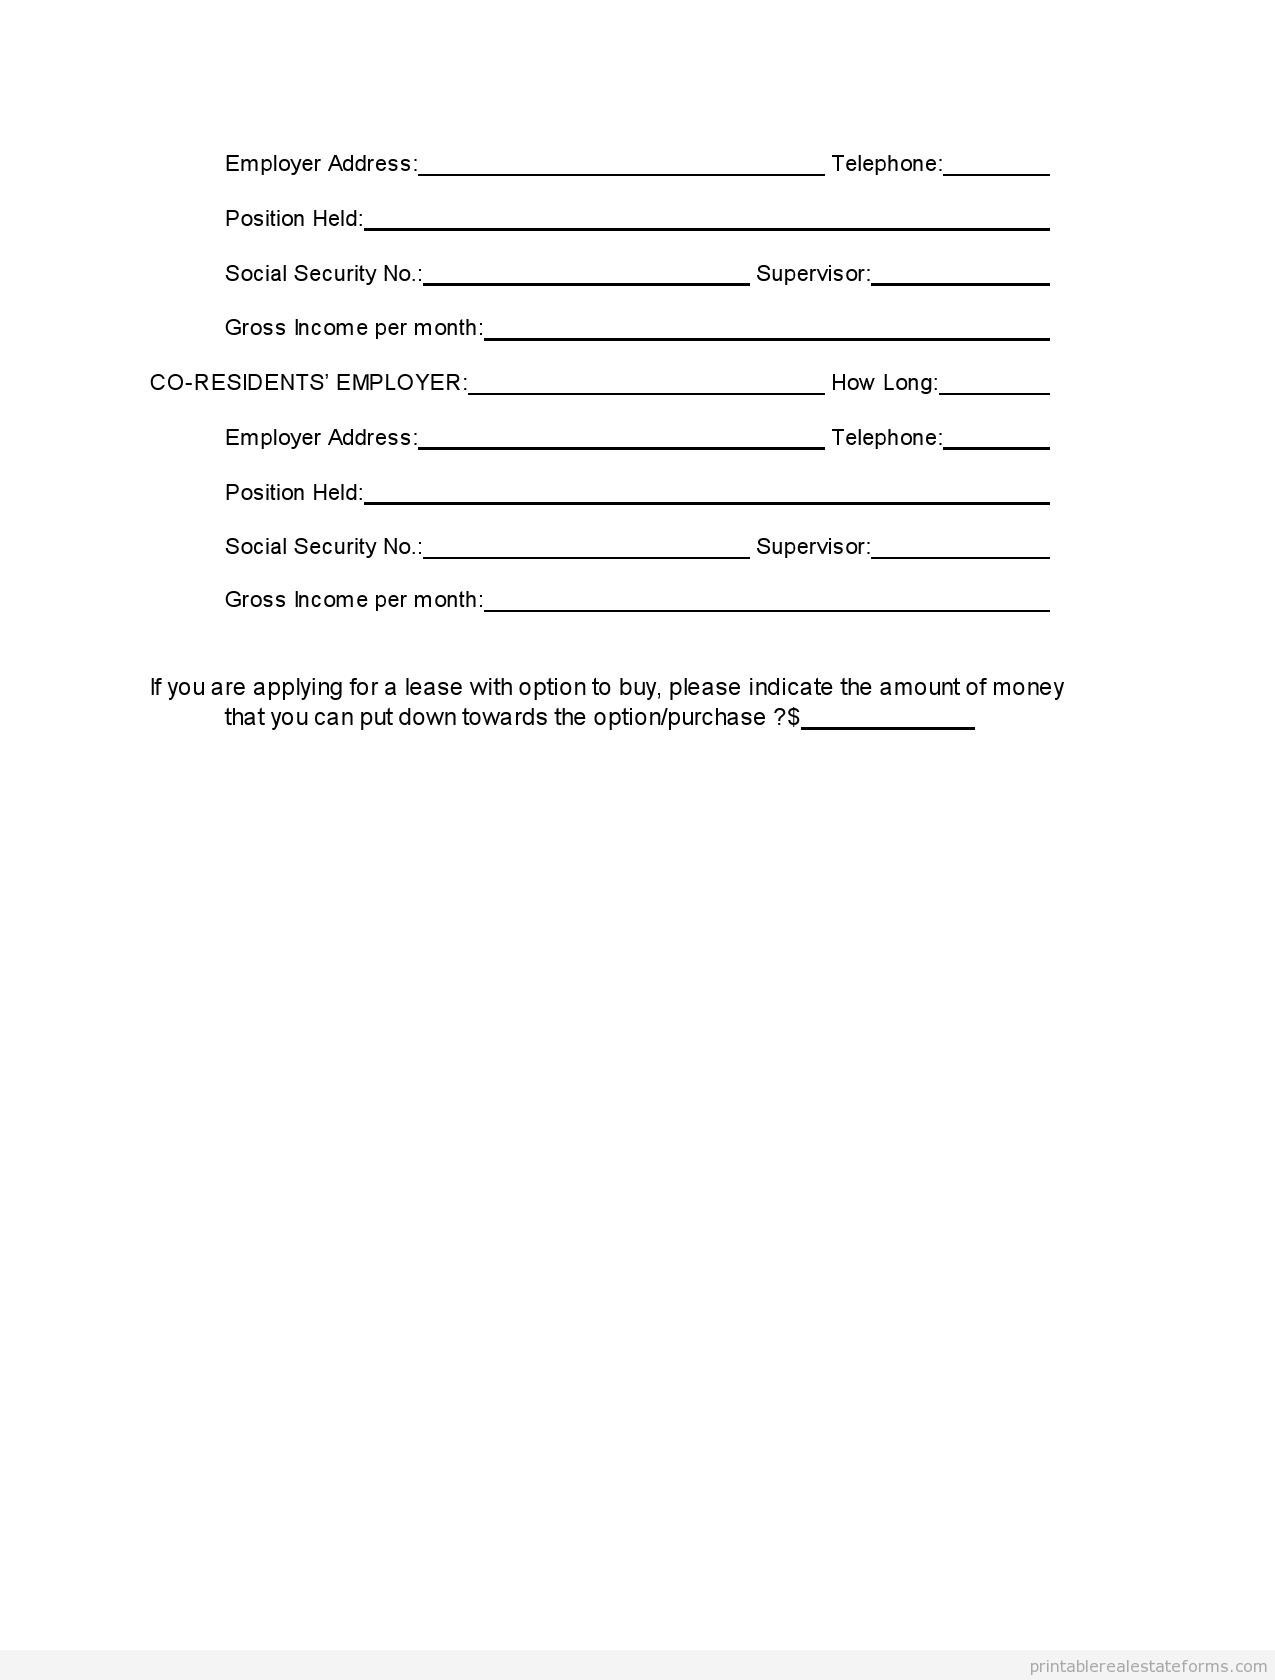 printable tenant rental application template 2015 sample forms 2015 pinterest real estate. Black Bedroom Furniture Sets. Home Design Ideas